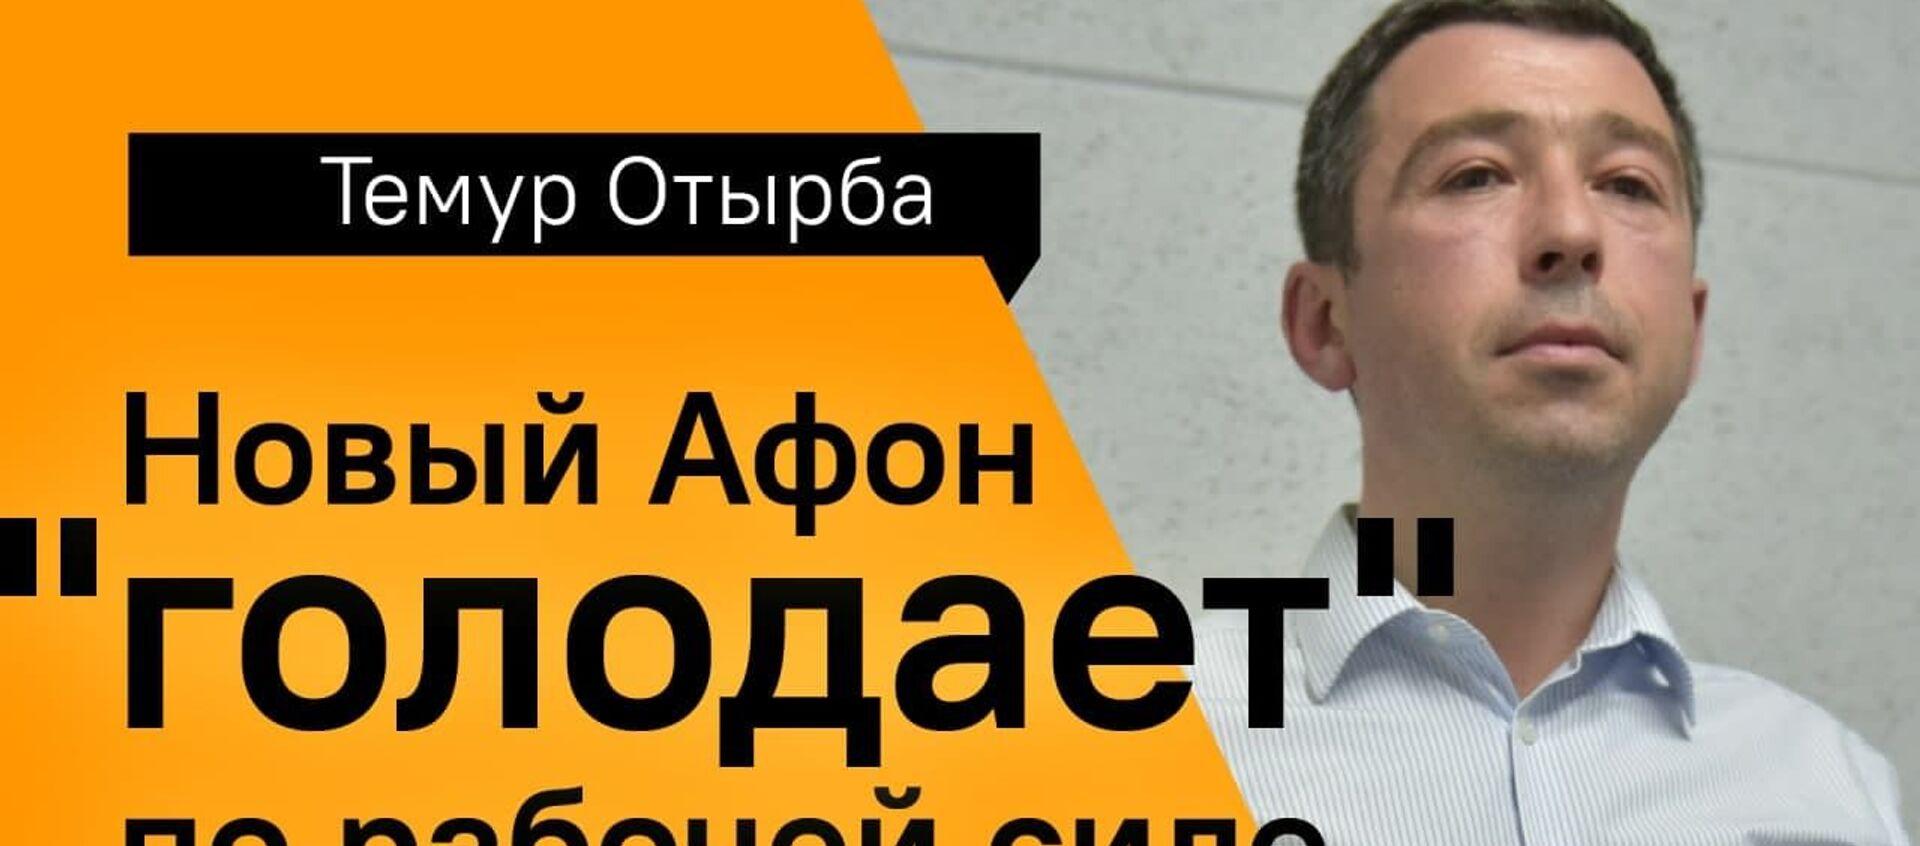 Глава Нового Афона рассказал об итогах турсезона и проблемах города - Sputnik Абхазия, 1920, 10.09.2021